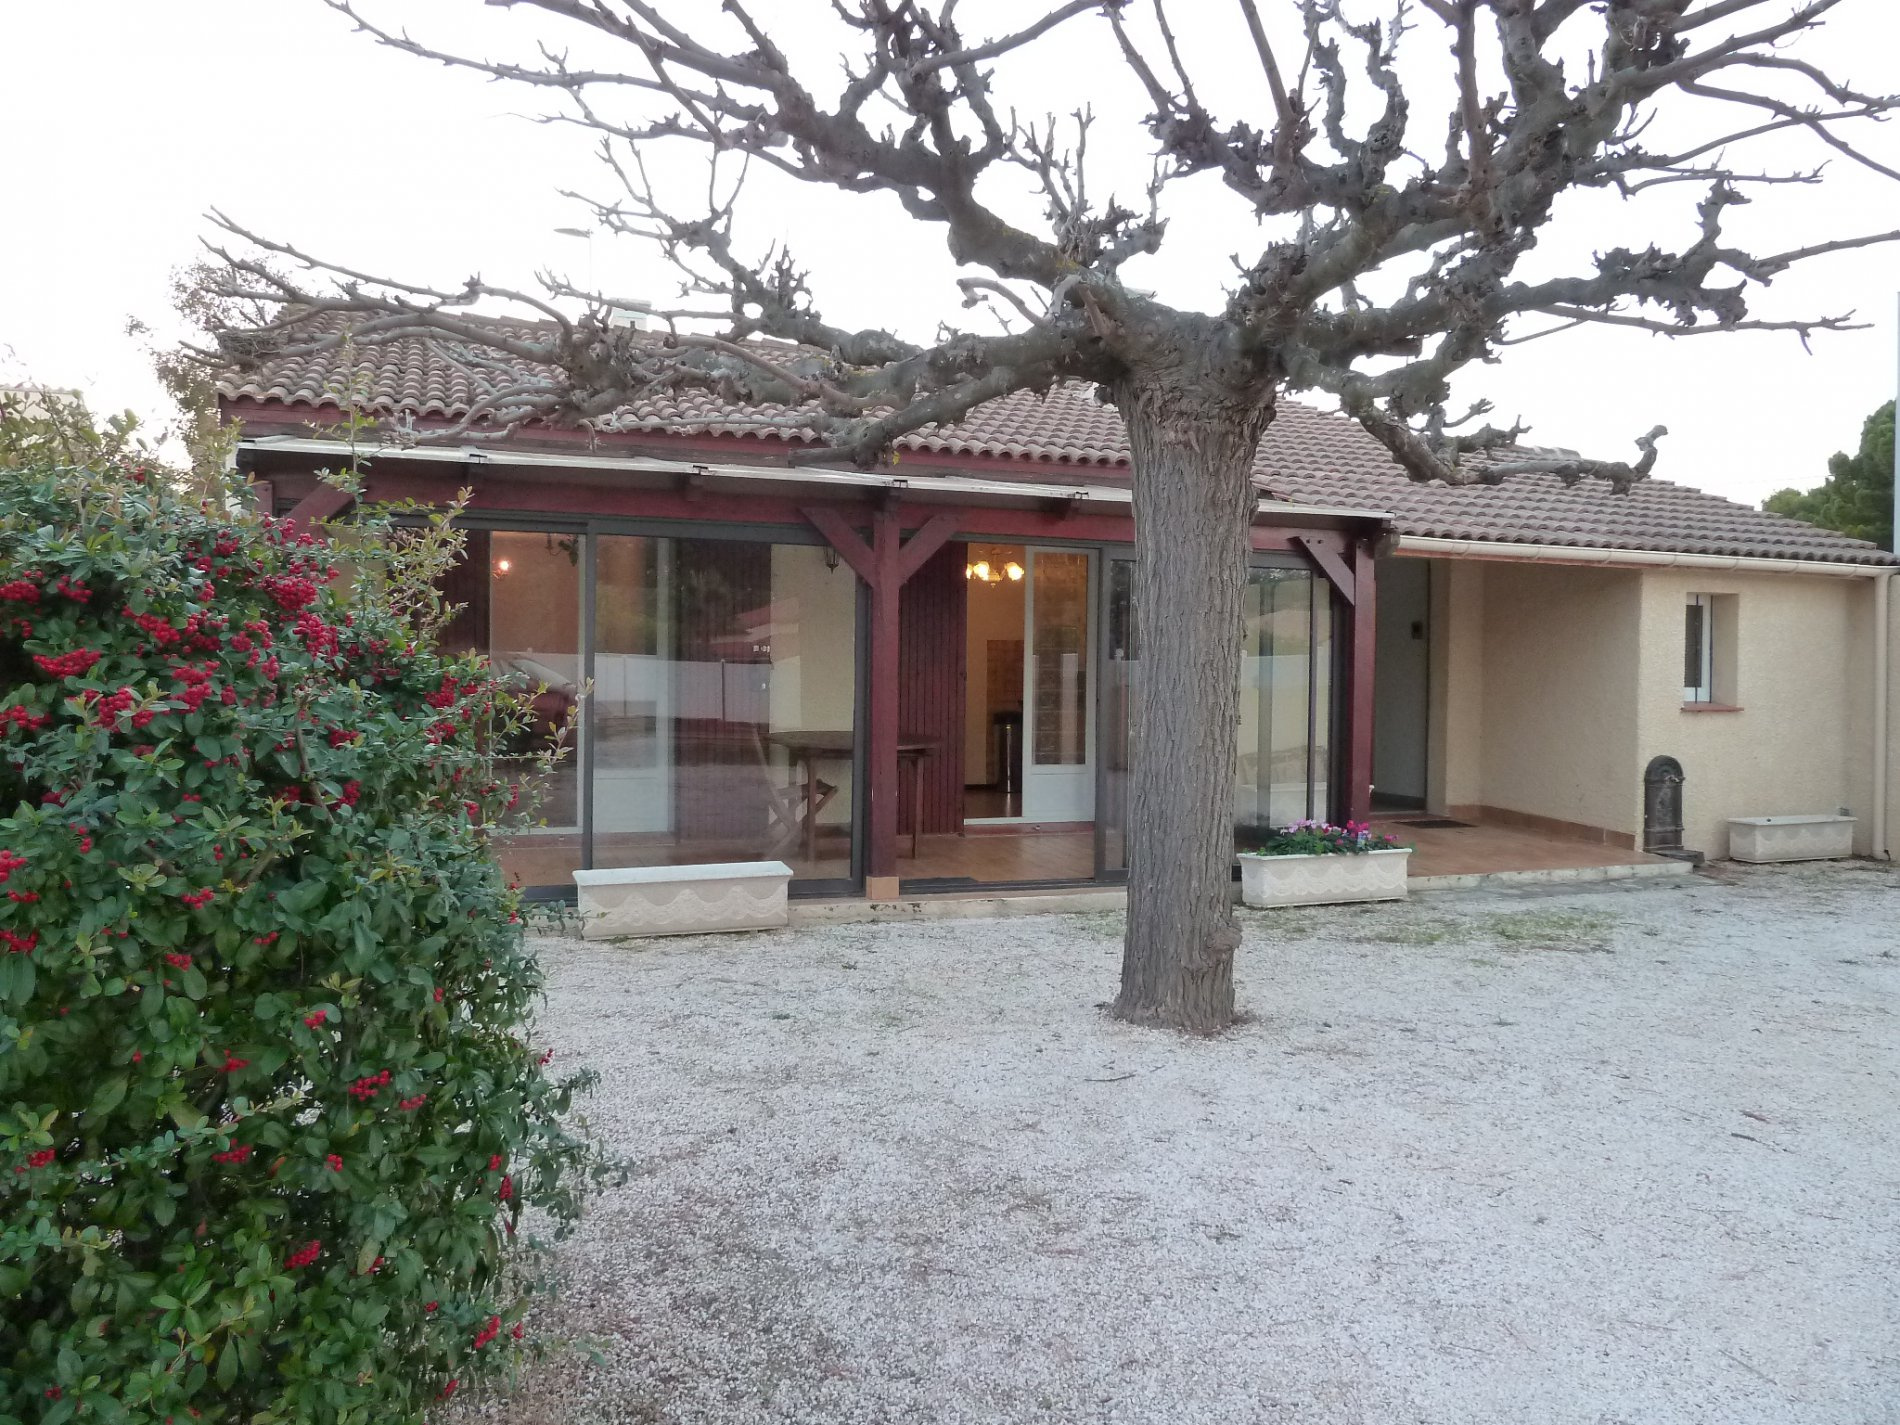 Vente achat maison 1 mitoyennete de plain pied saint andre for Achat maison plain pied